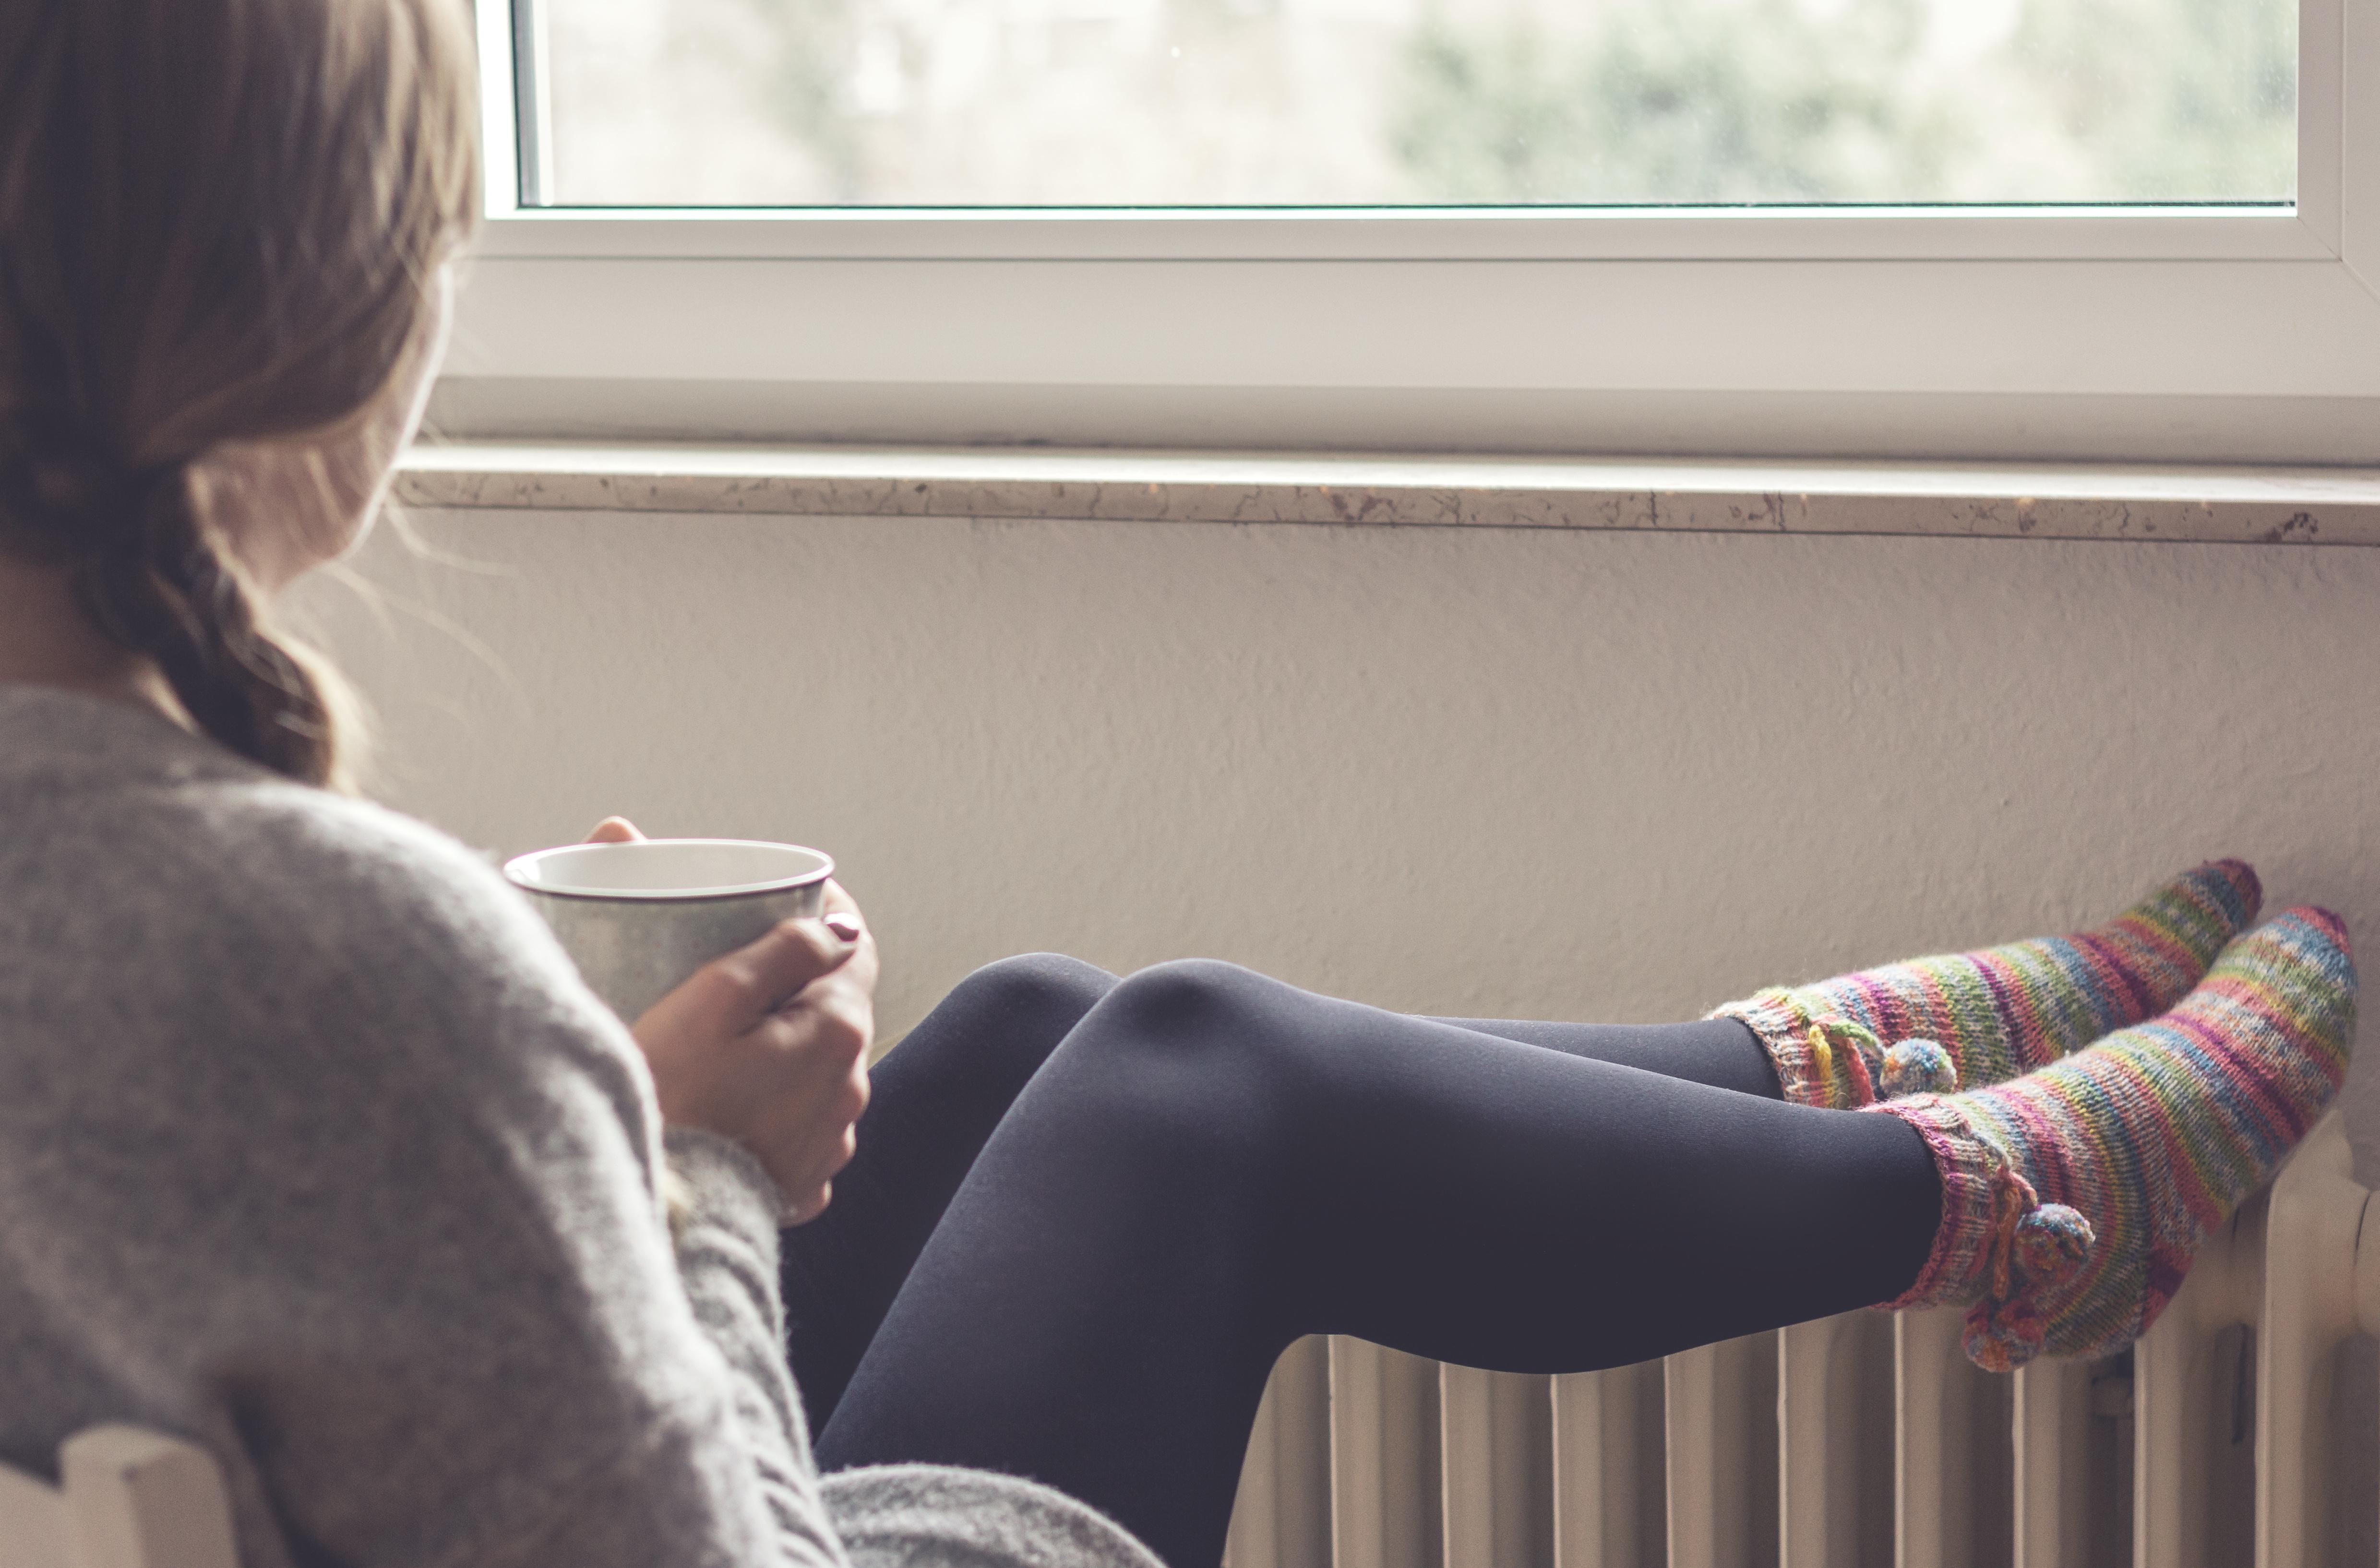 Junge Frau schaut aus dem Fenster, trinkt Tee und legt Füße zum Aufwärmen auf die Heizung.